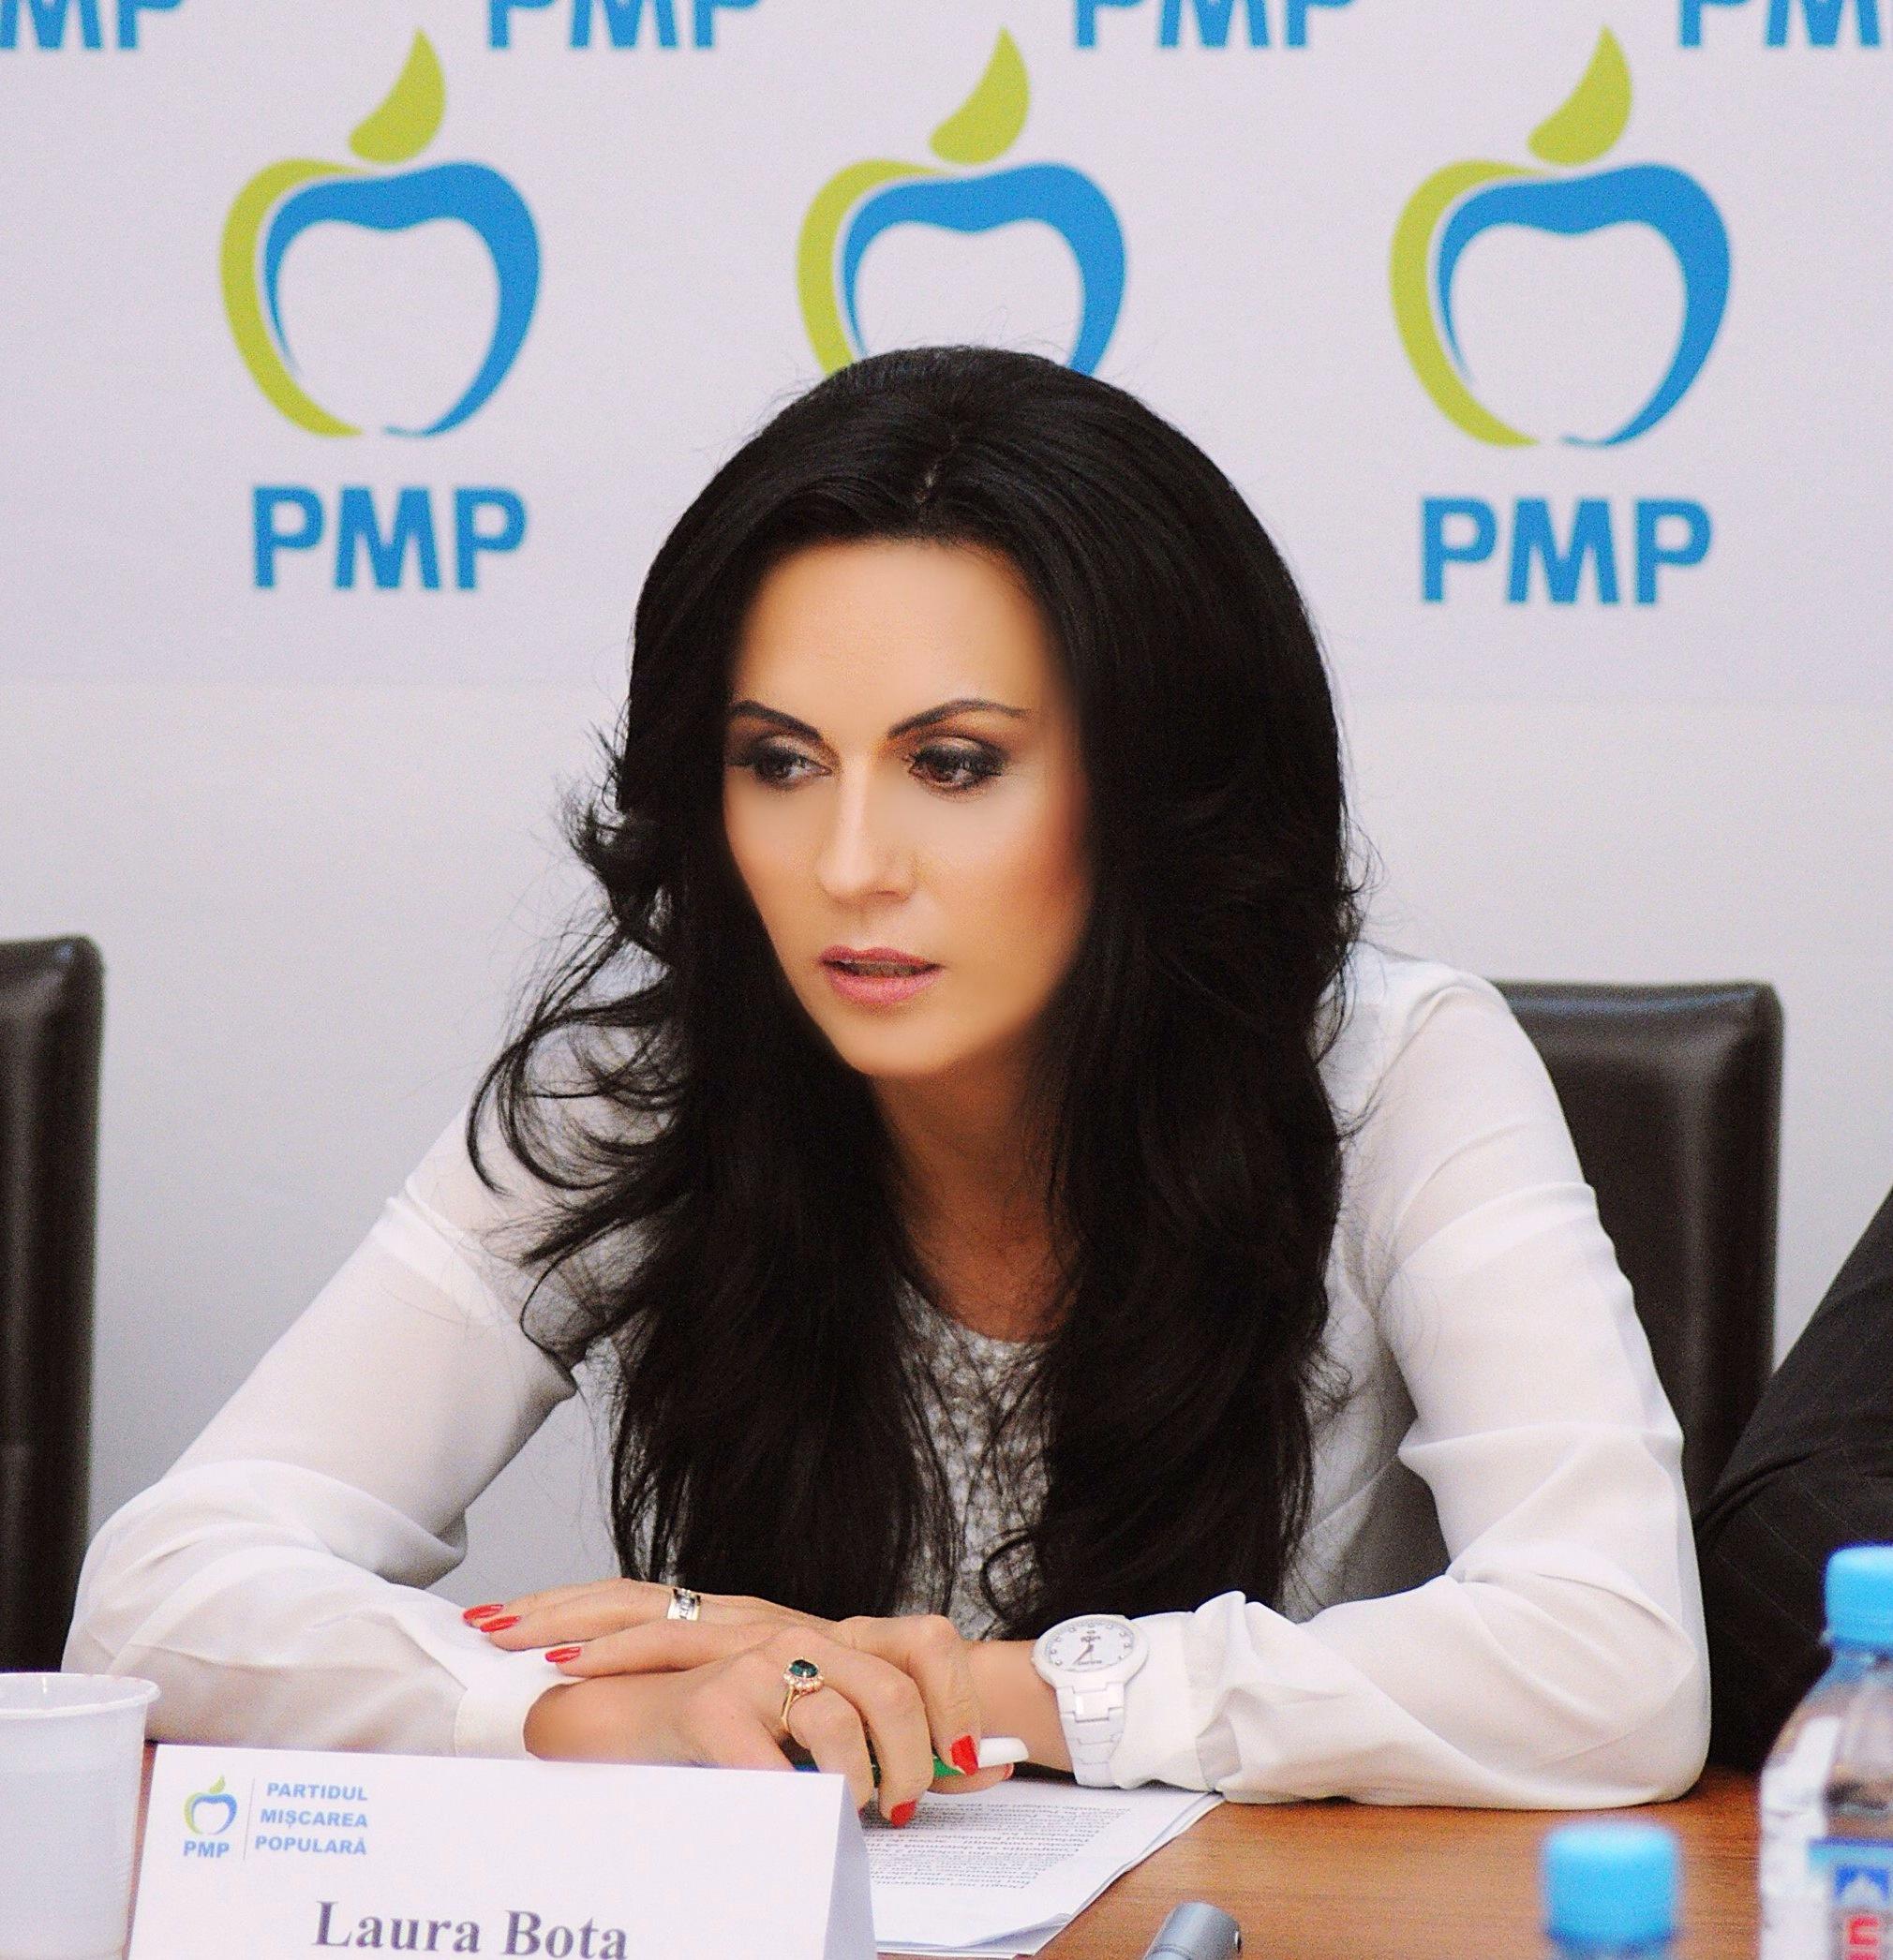 PMP, alături de președintele Băsescu și de Partidul Popularilor Europeni